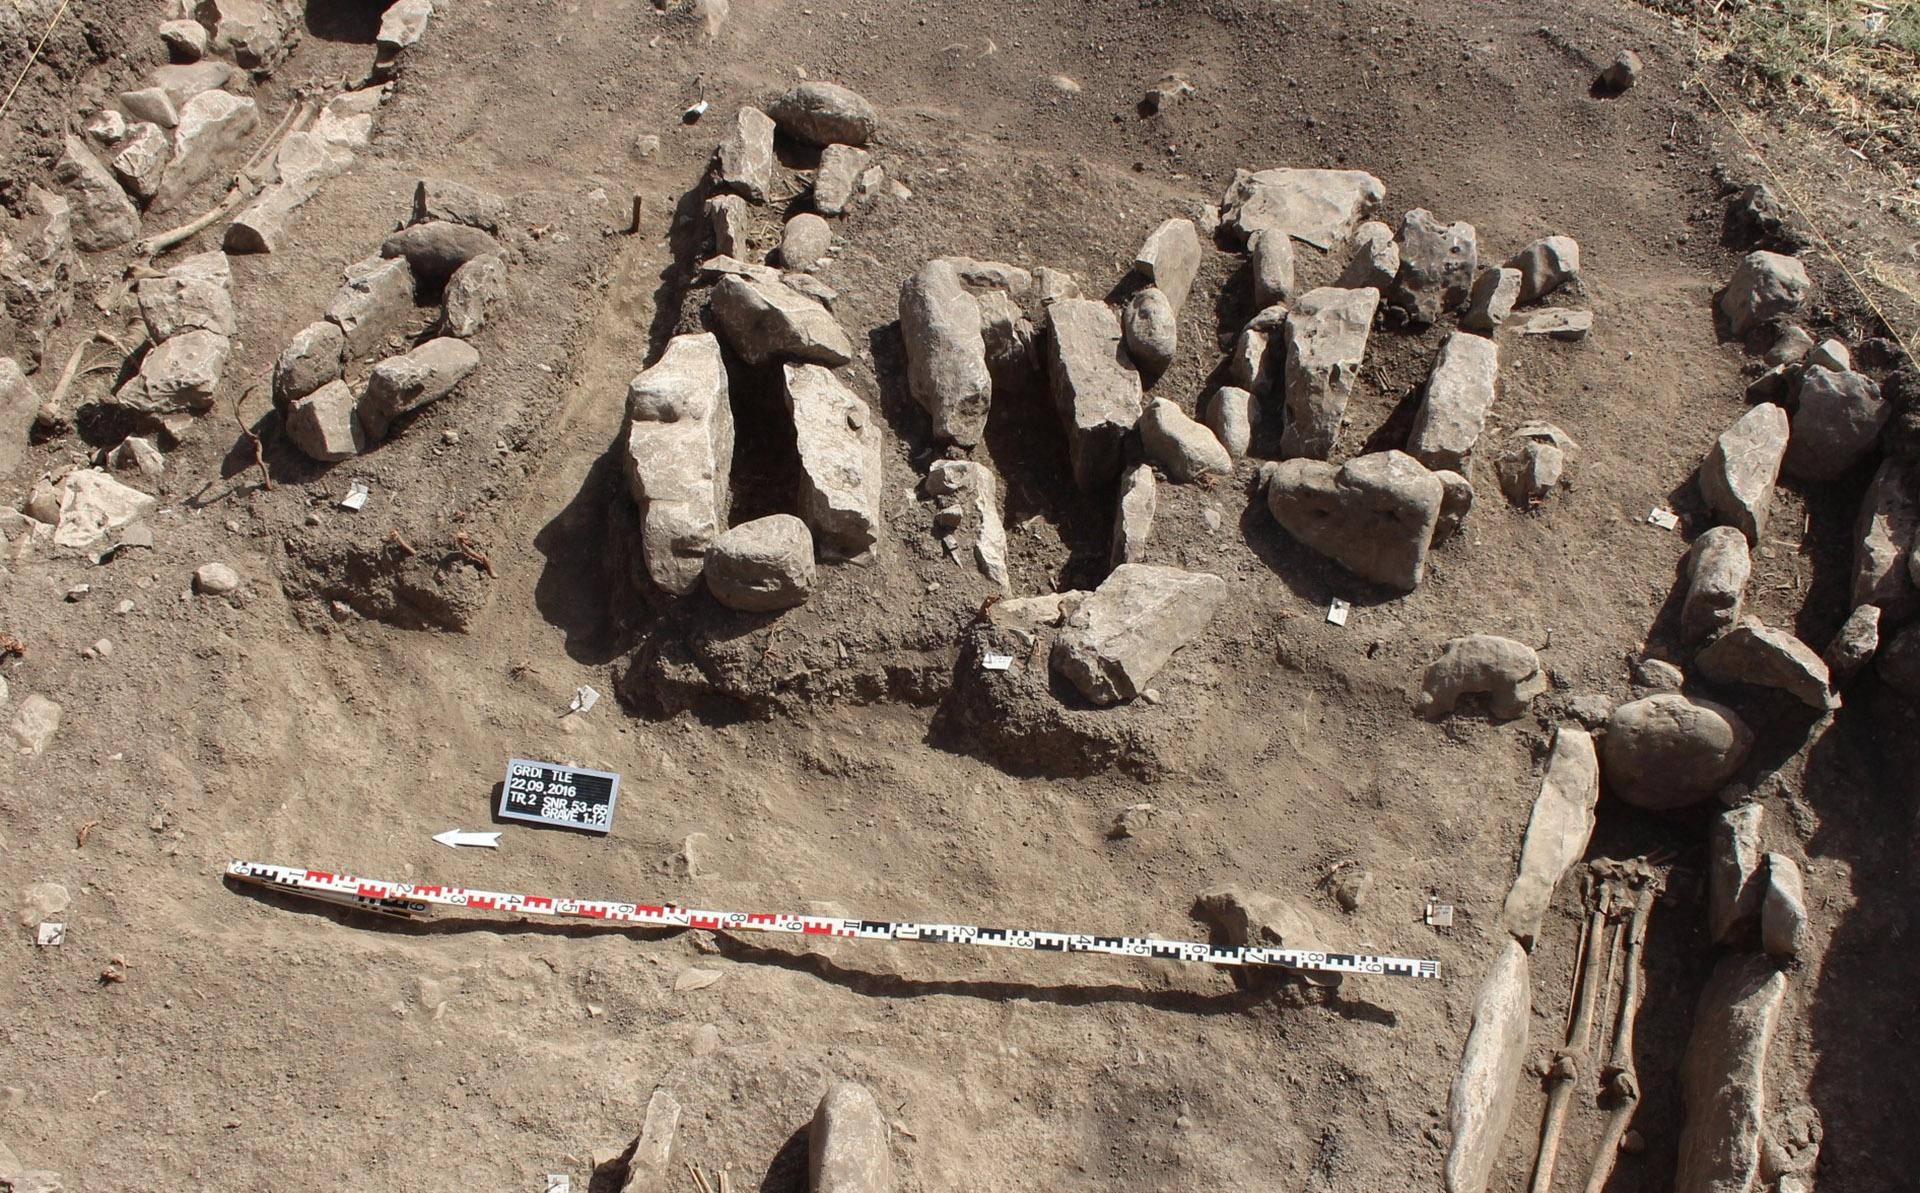 A II. felszín temetője. Az ELTE régészeti ásatása, Iraki Kurdisztán, Grd-i Tle, 2016-os évad.